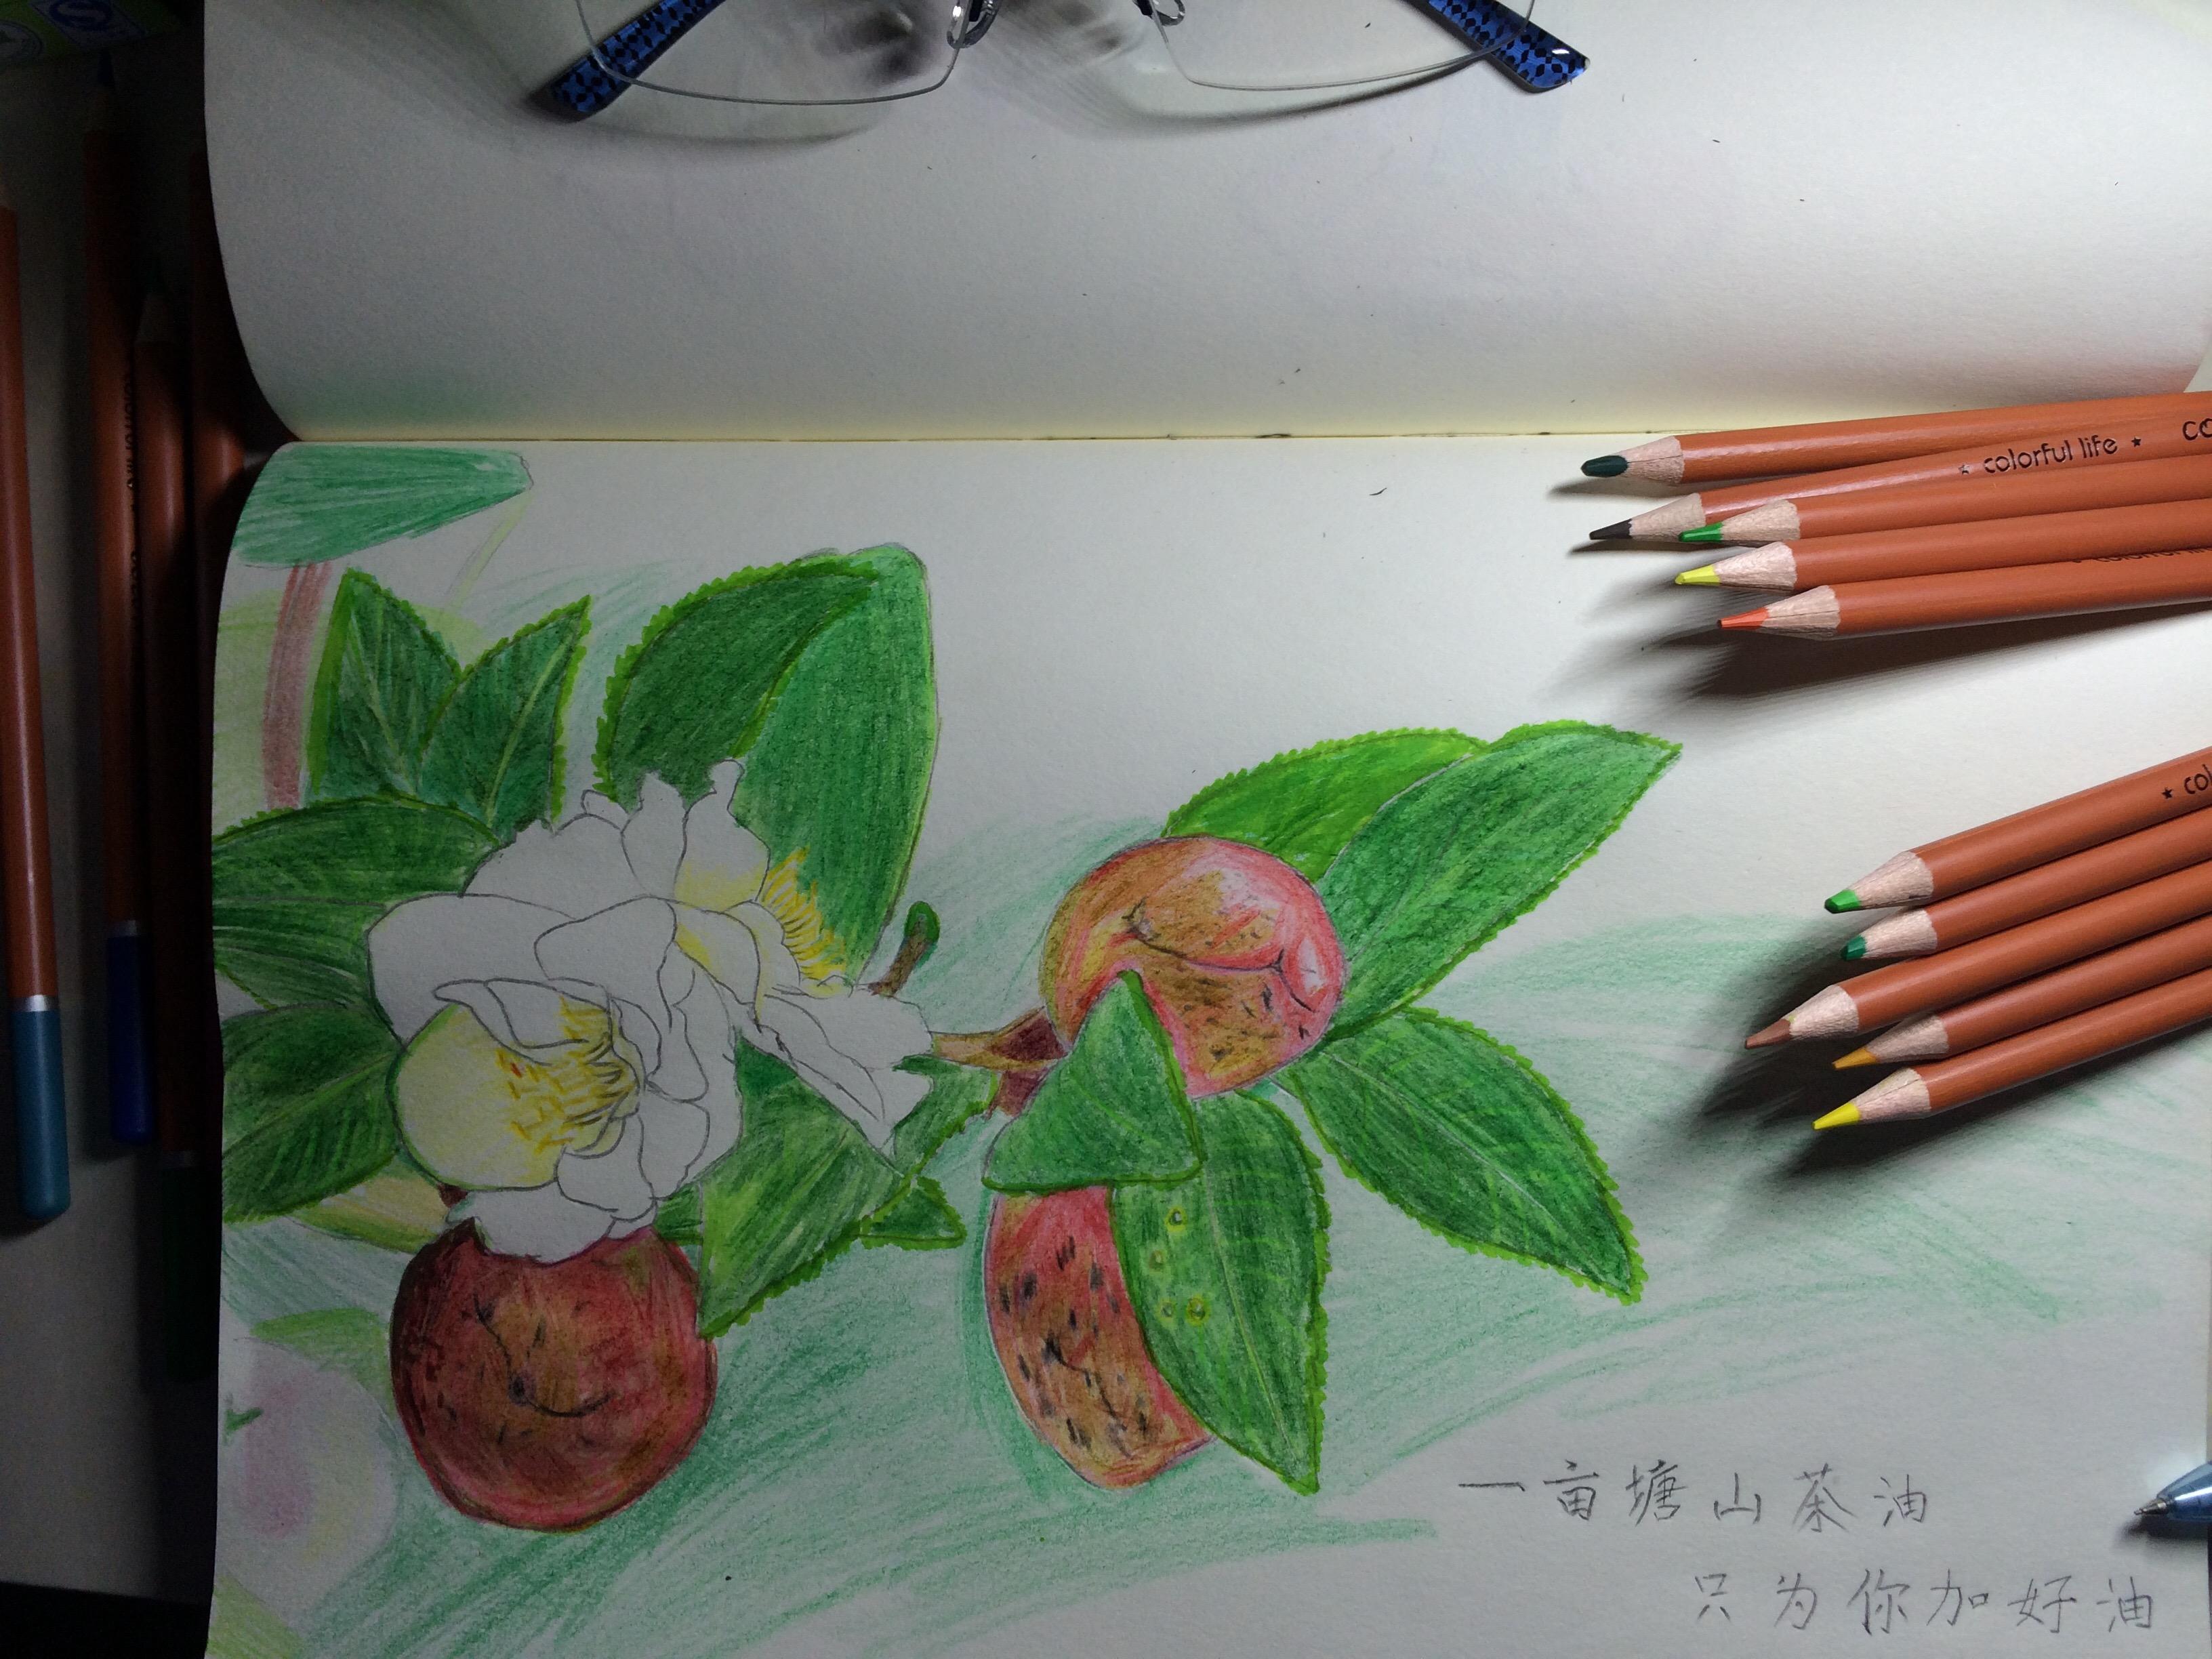 油性彩铅手绘山茶果